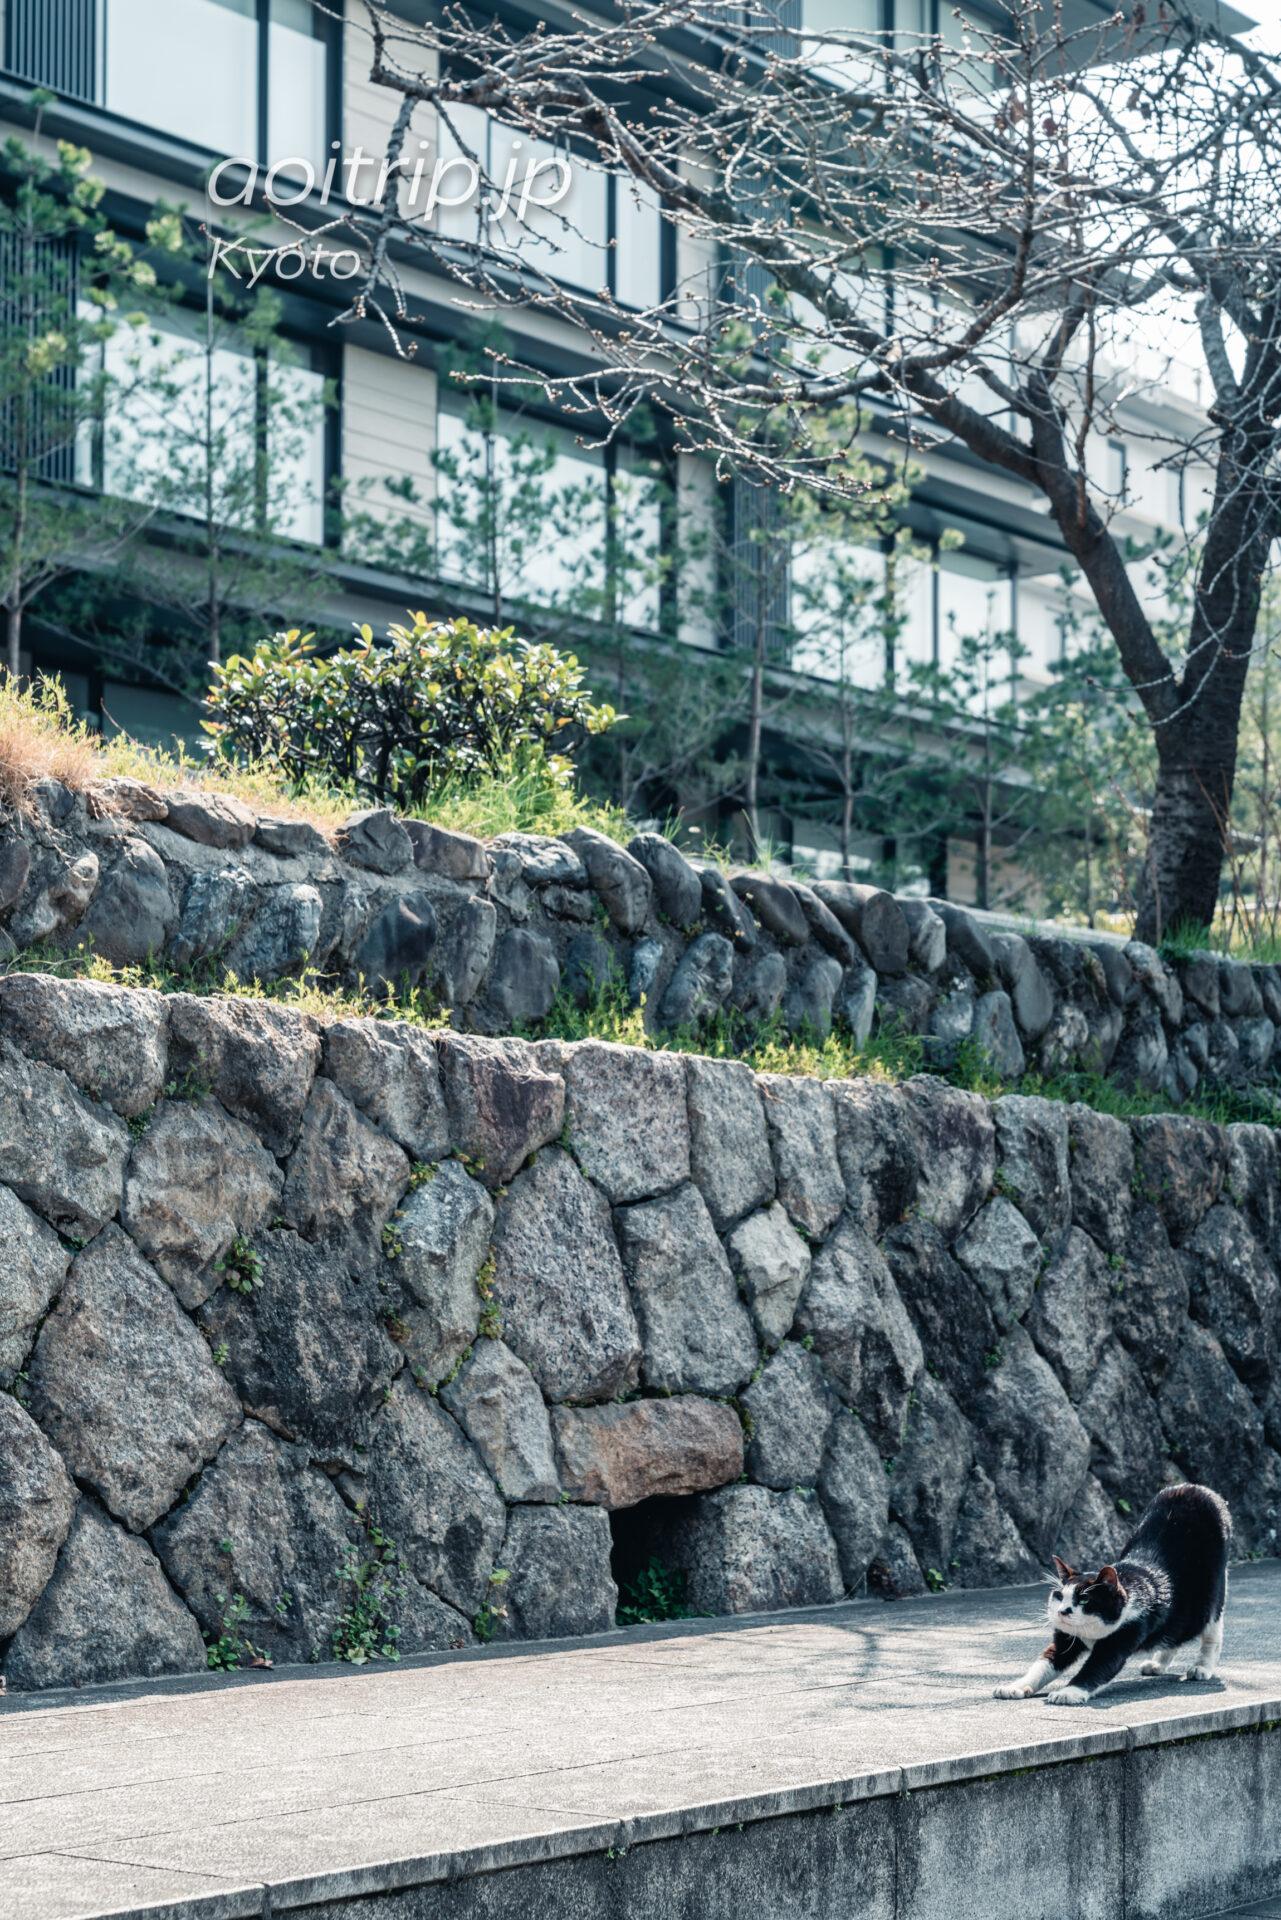 二条城の石垣とホテルザミツイ京都と猫のクロちゃん